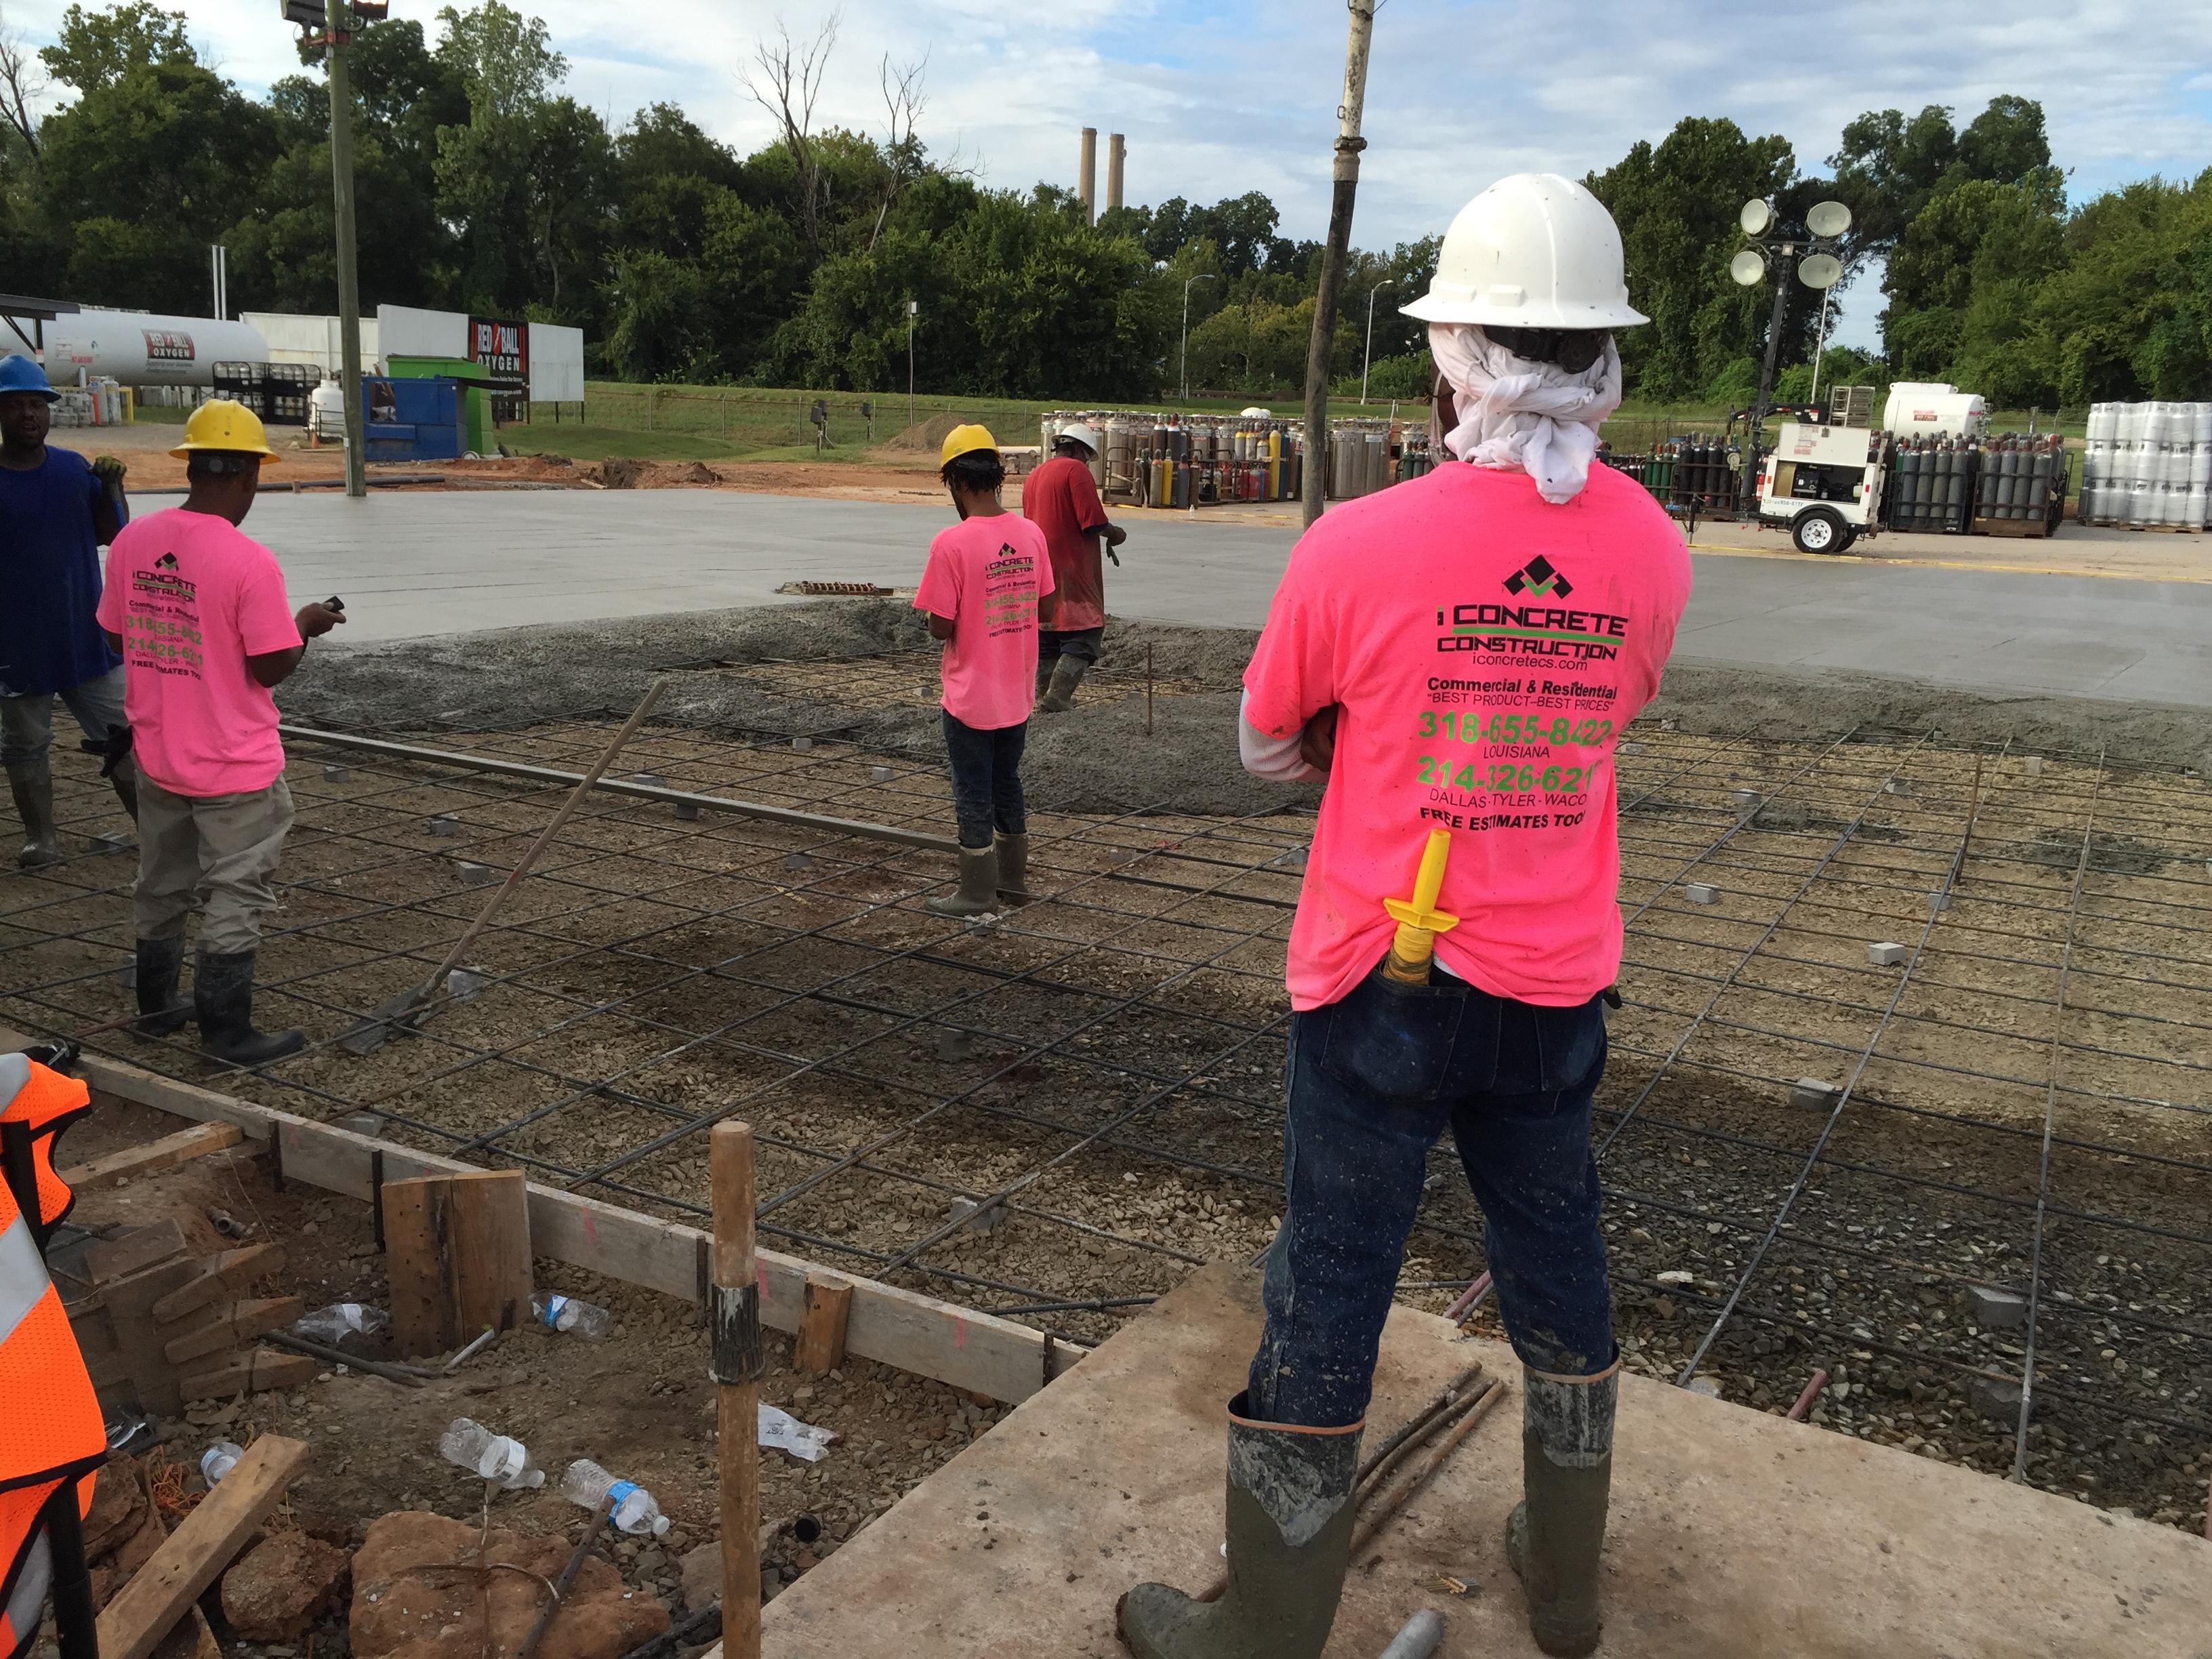 Construction Services Iconcrete Construction